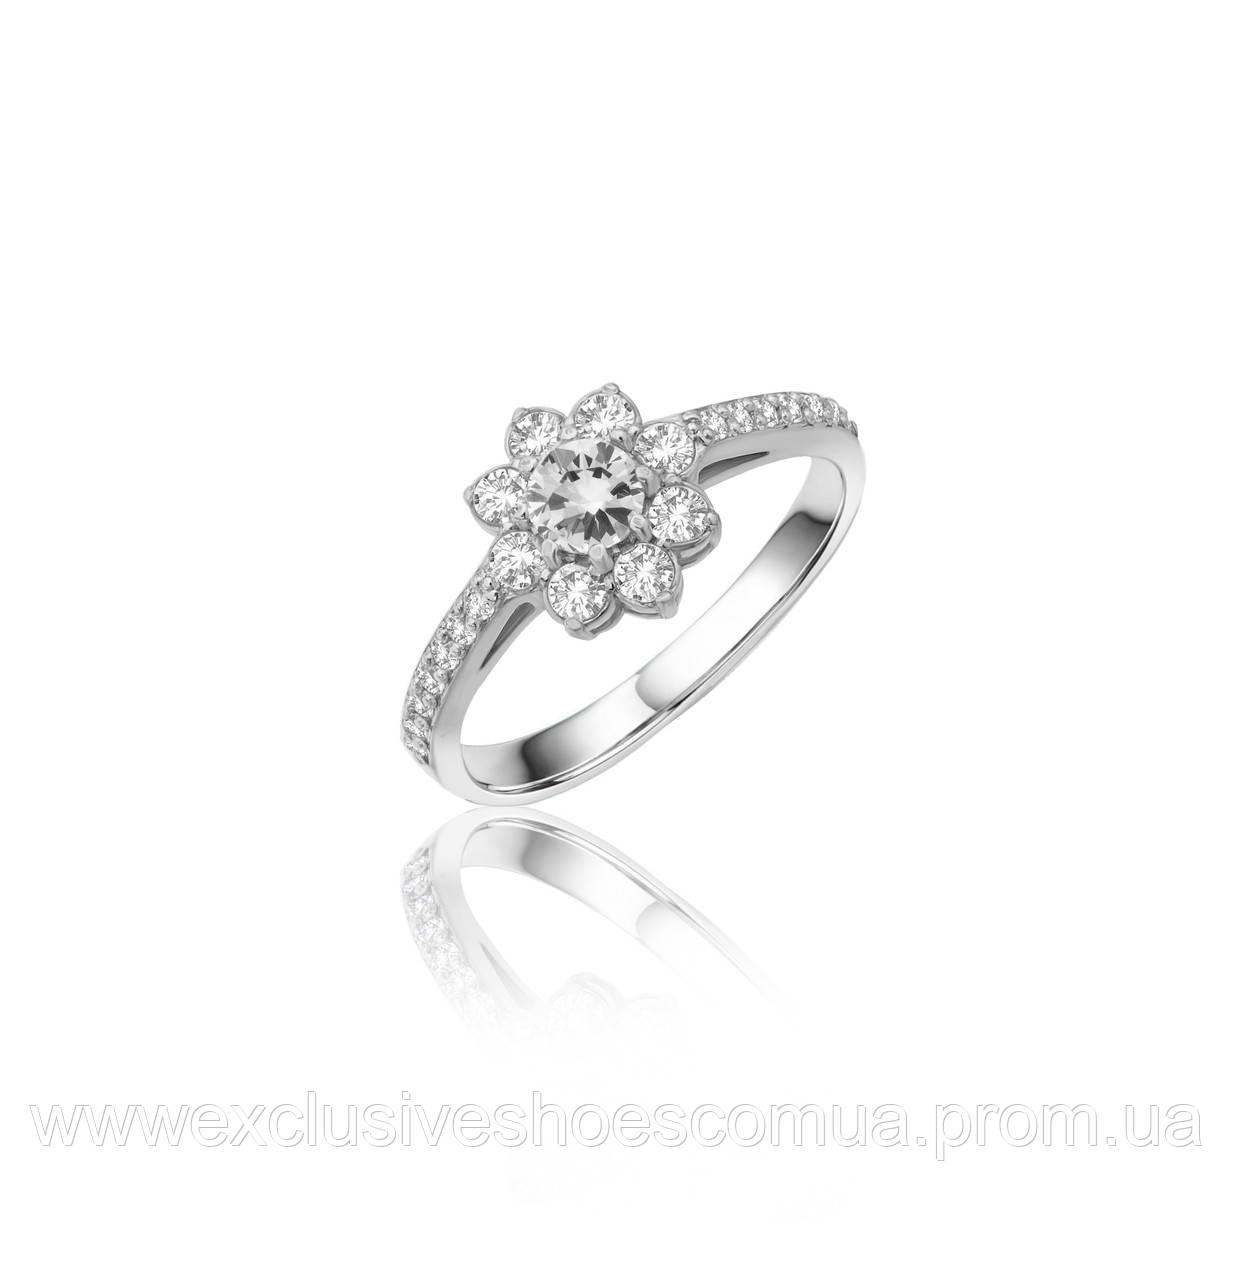 """Серебряное кольцо """"Николь"""" c белыми фианитами, арт-910057б"""